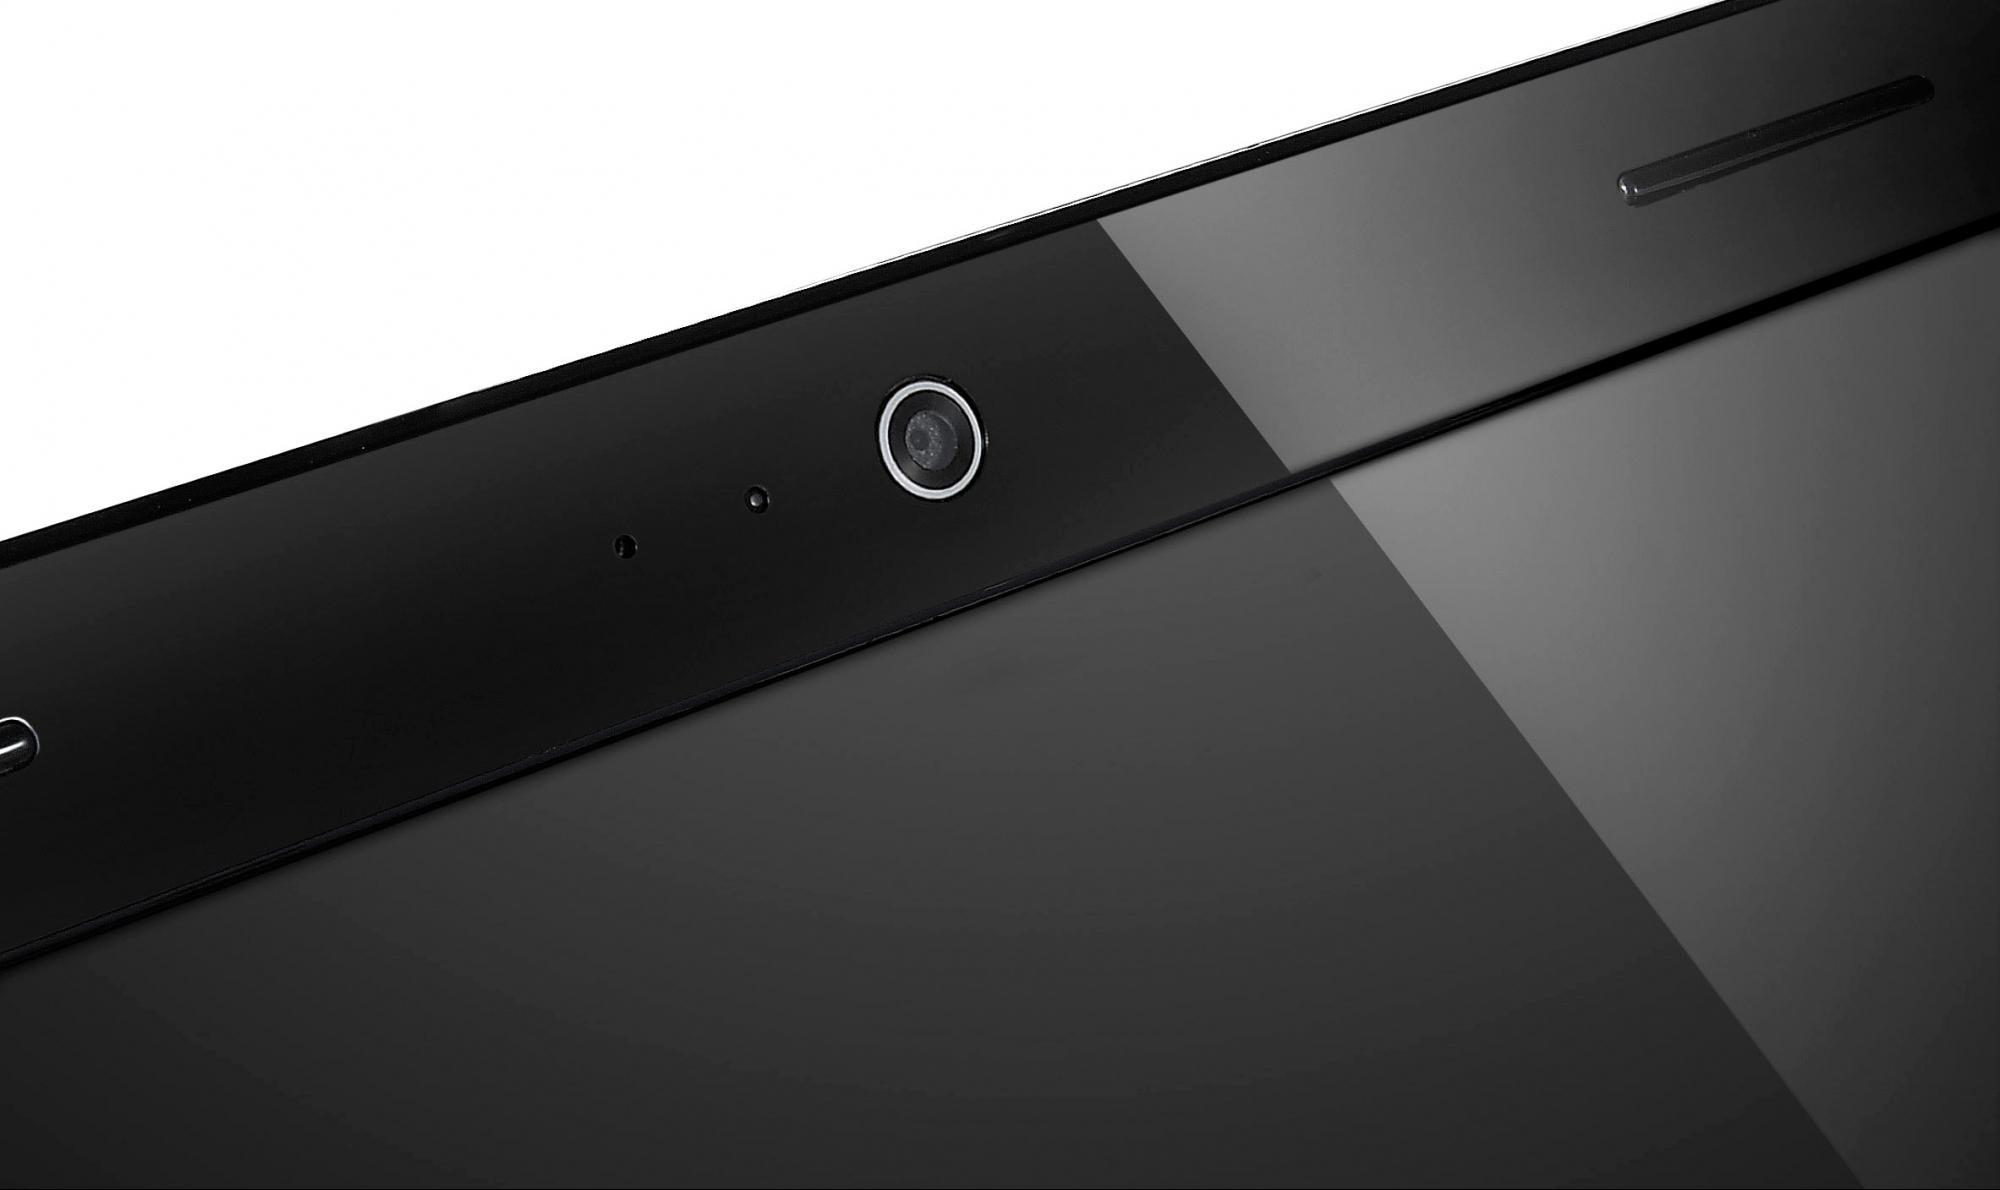 Почему ноутбук не видит камеру: основные причины и способы устранения неполадок